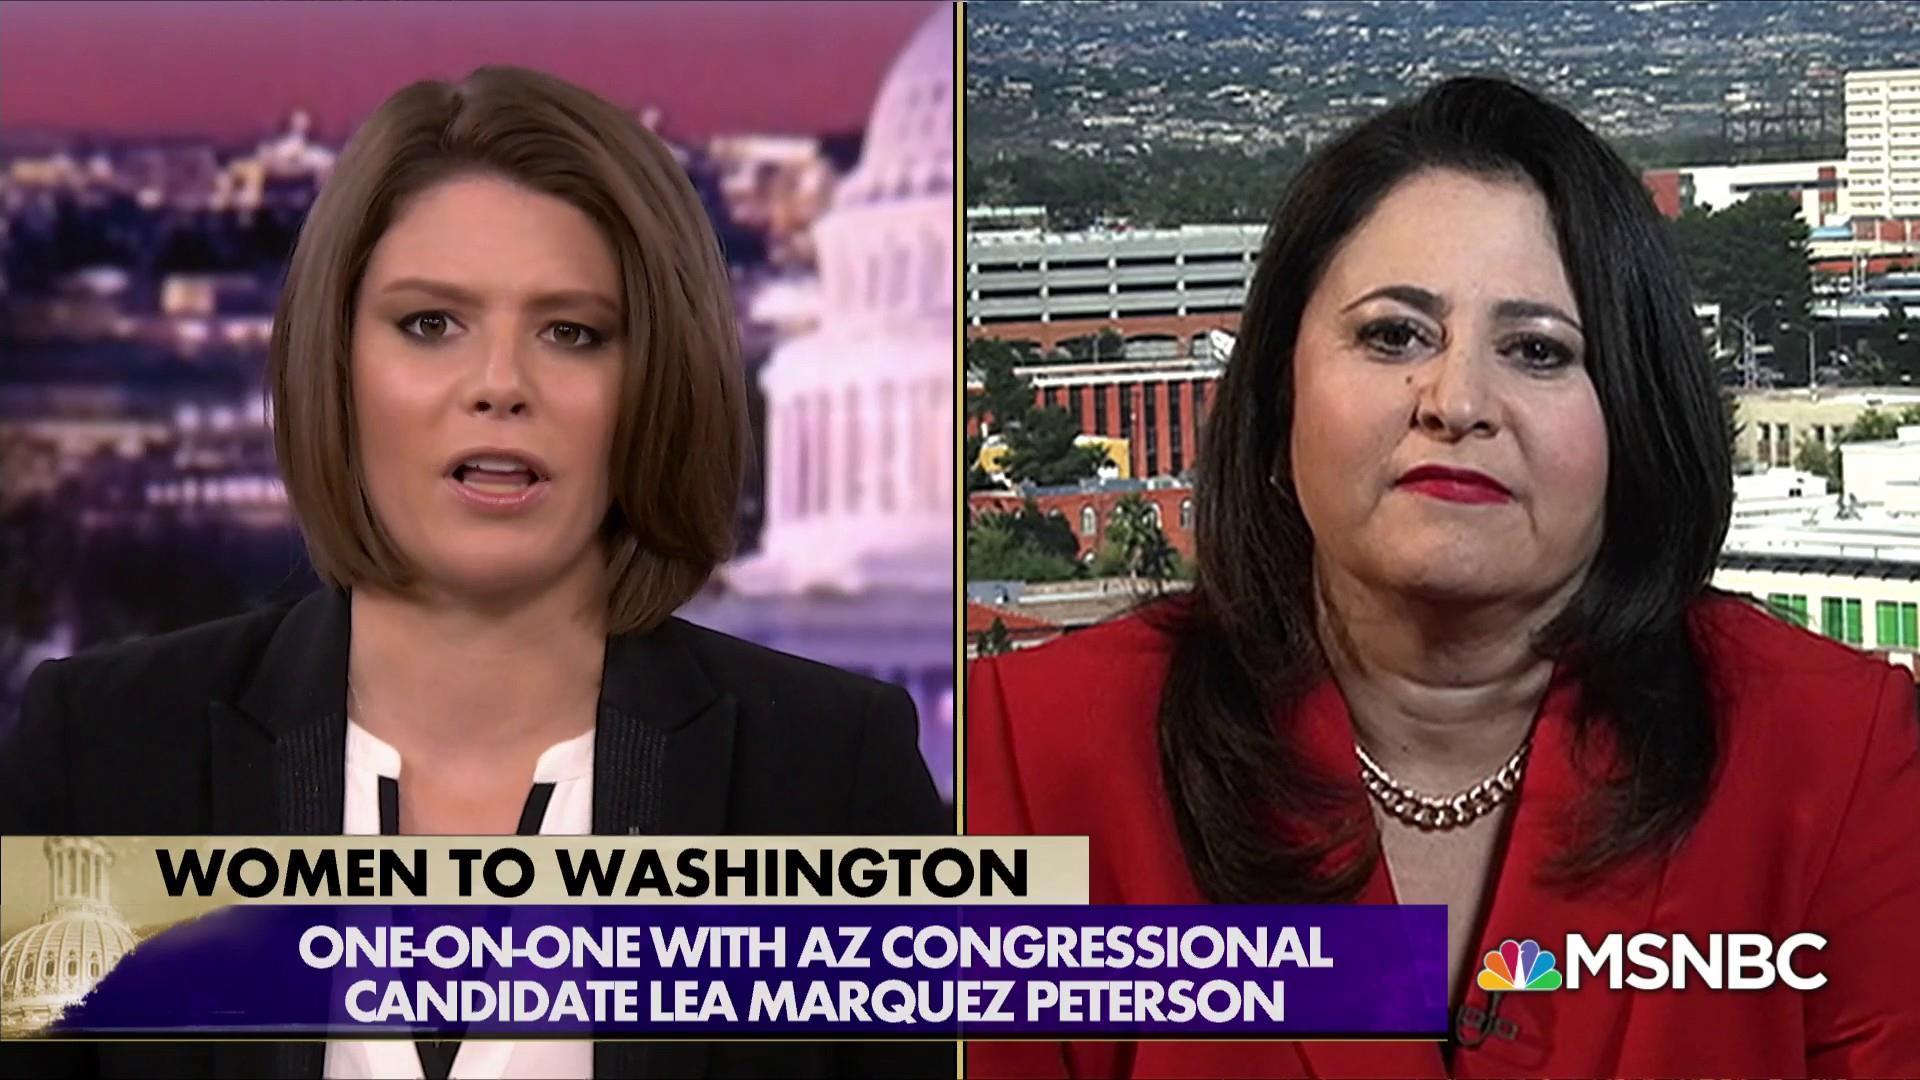 Marquez Peterson: Trump's 'animals' comment not racist